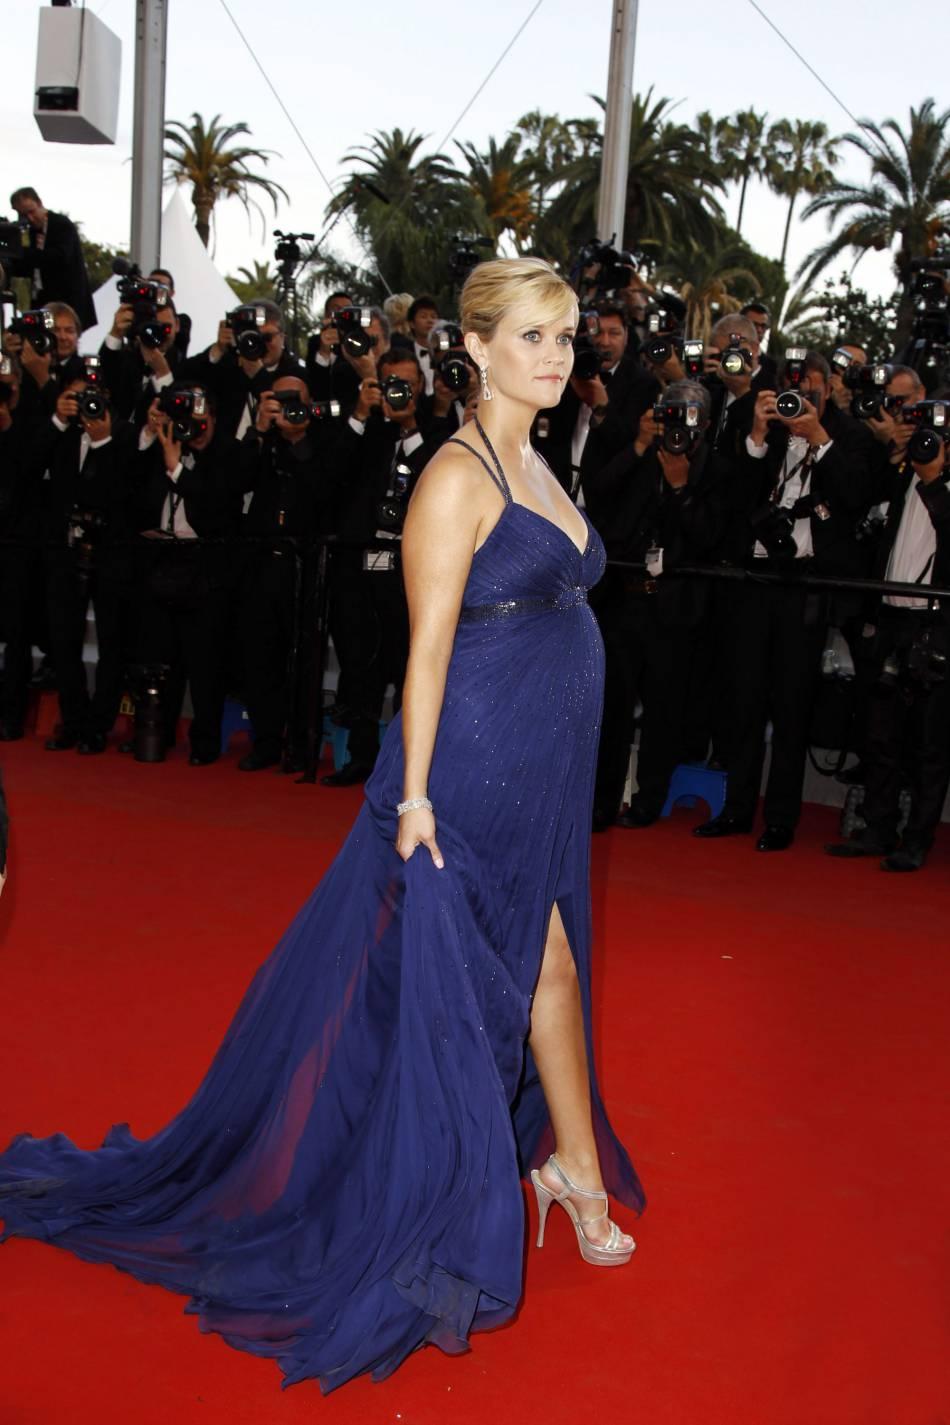 Reese Witherspoon en robe Versace joue avec son ventre rond et ses jambes toujours aussi fines en 2012.